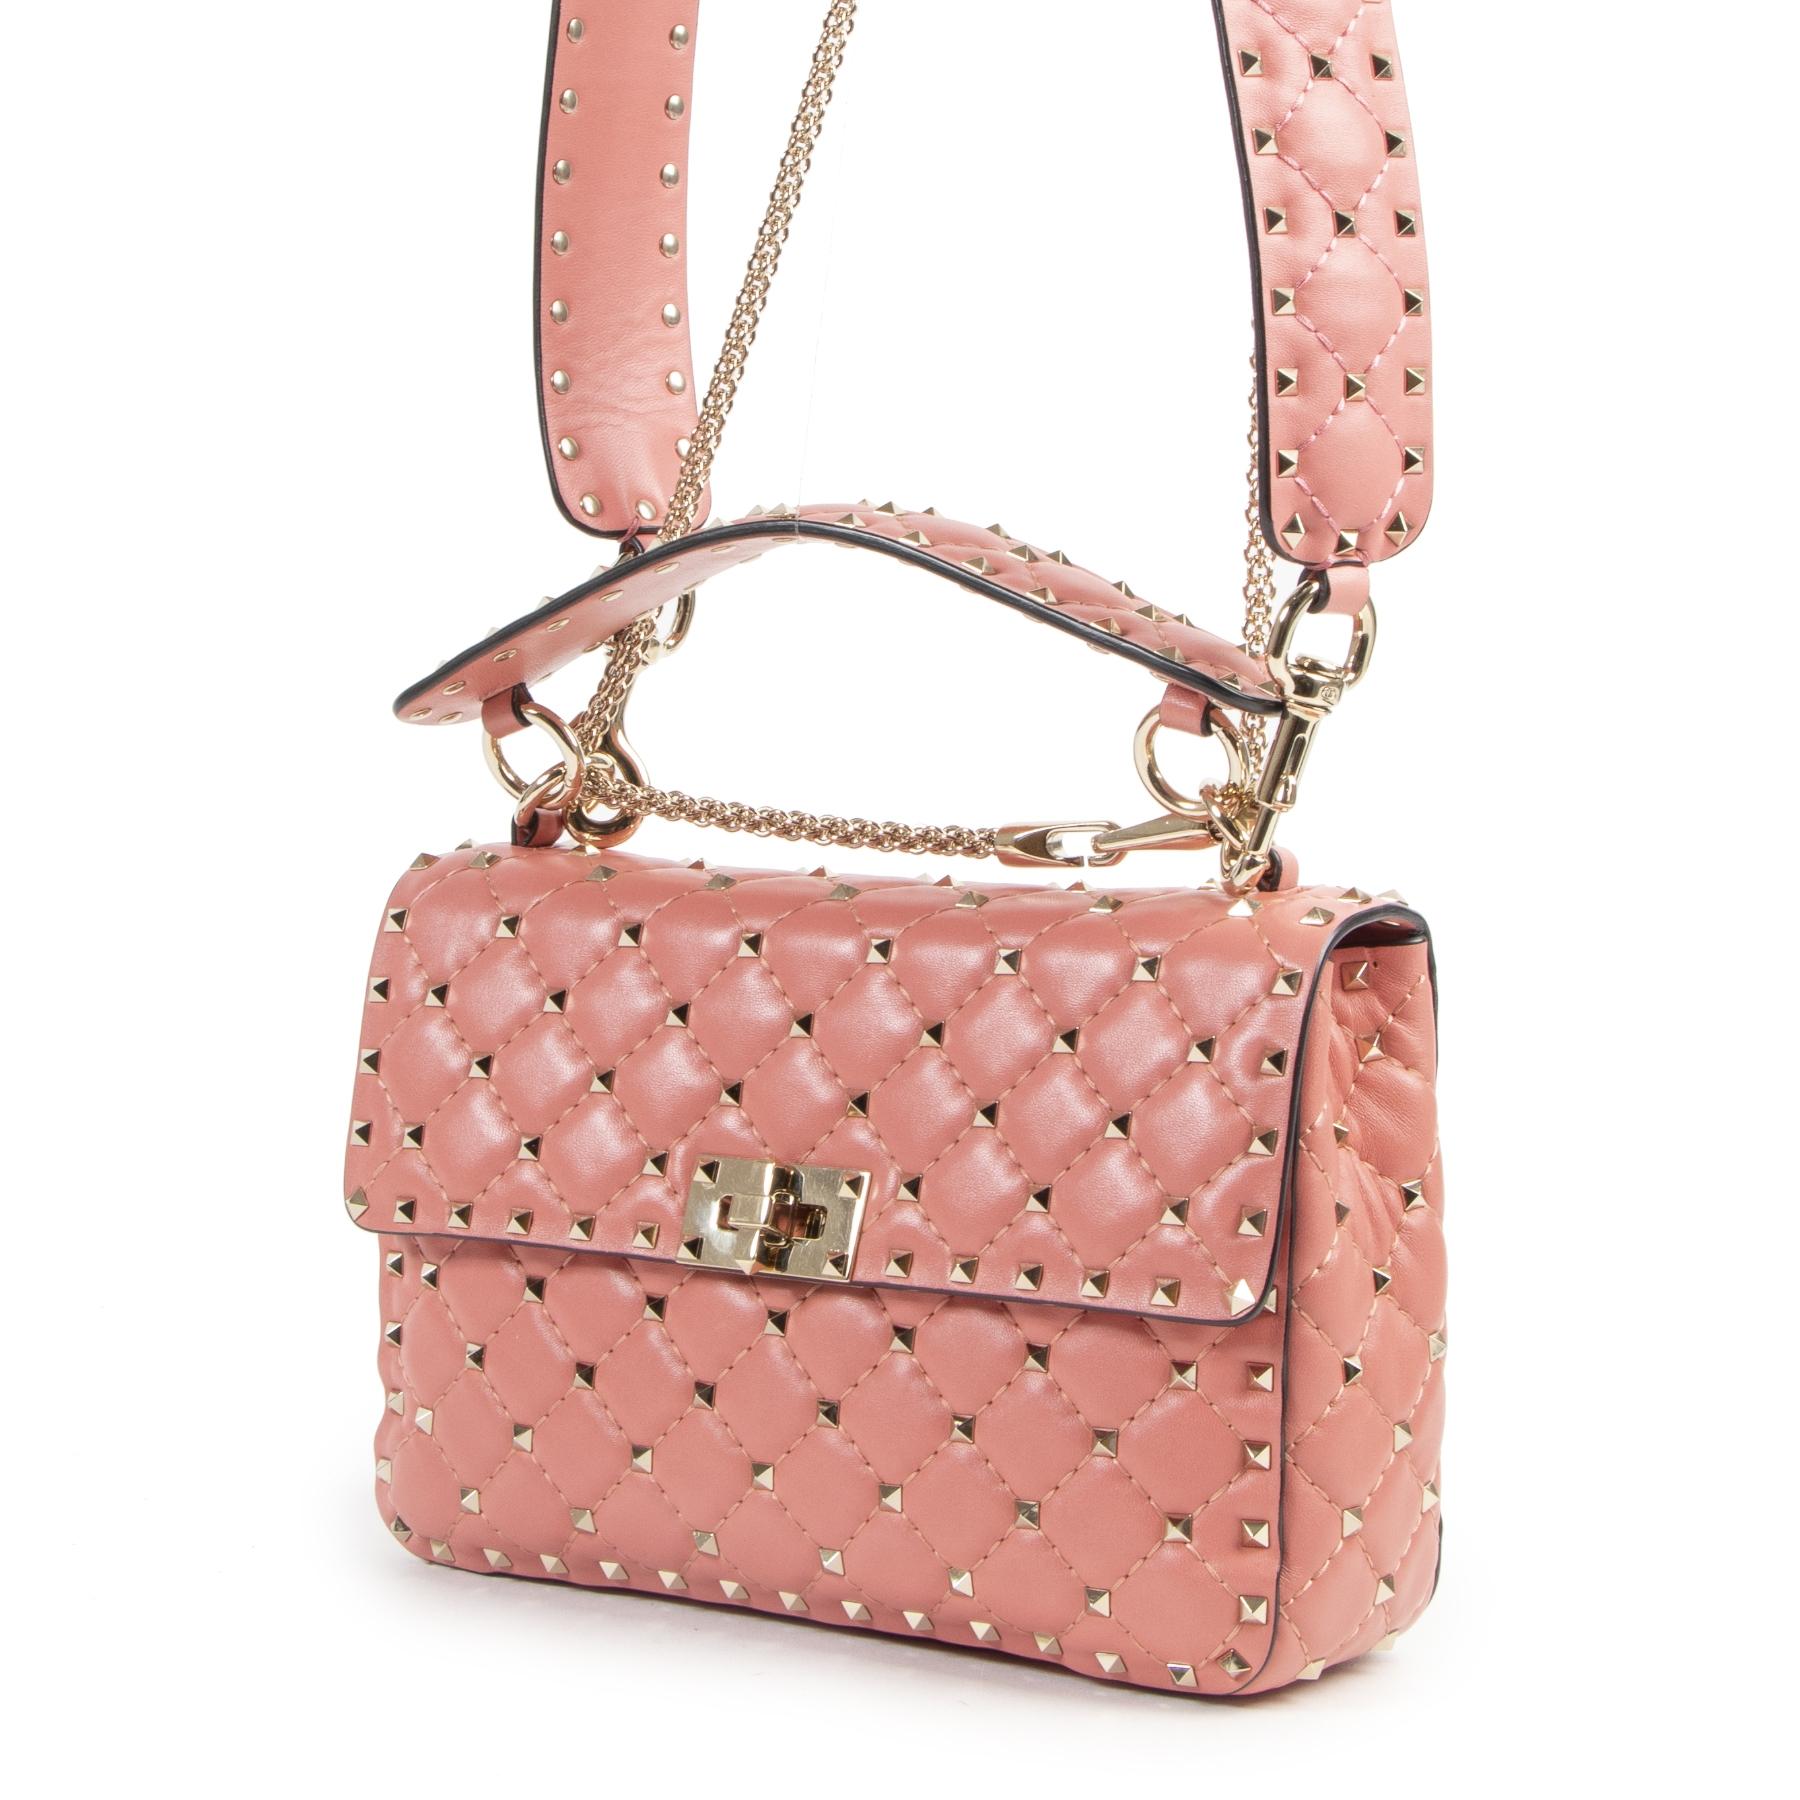 Authentieke Tweedehands Valentino Pink Rockstud Spike Shoulder Bag juiste prijs veilig online shoppen luxe merken webshop winkelen Antwerpen België mode fashion